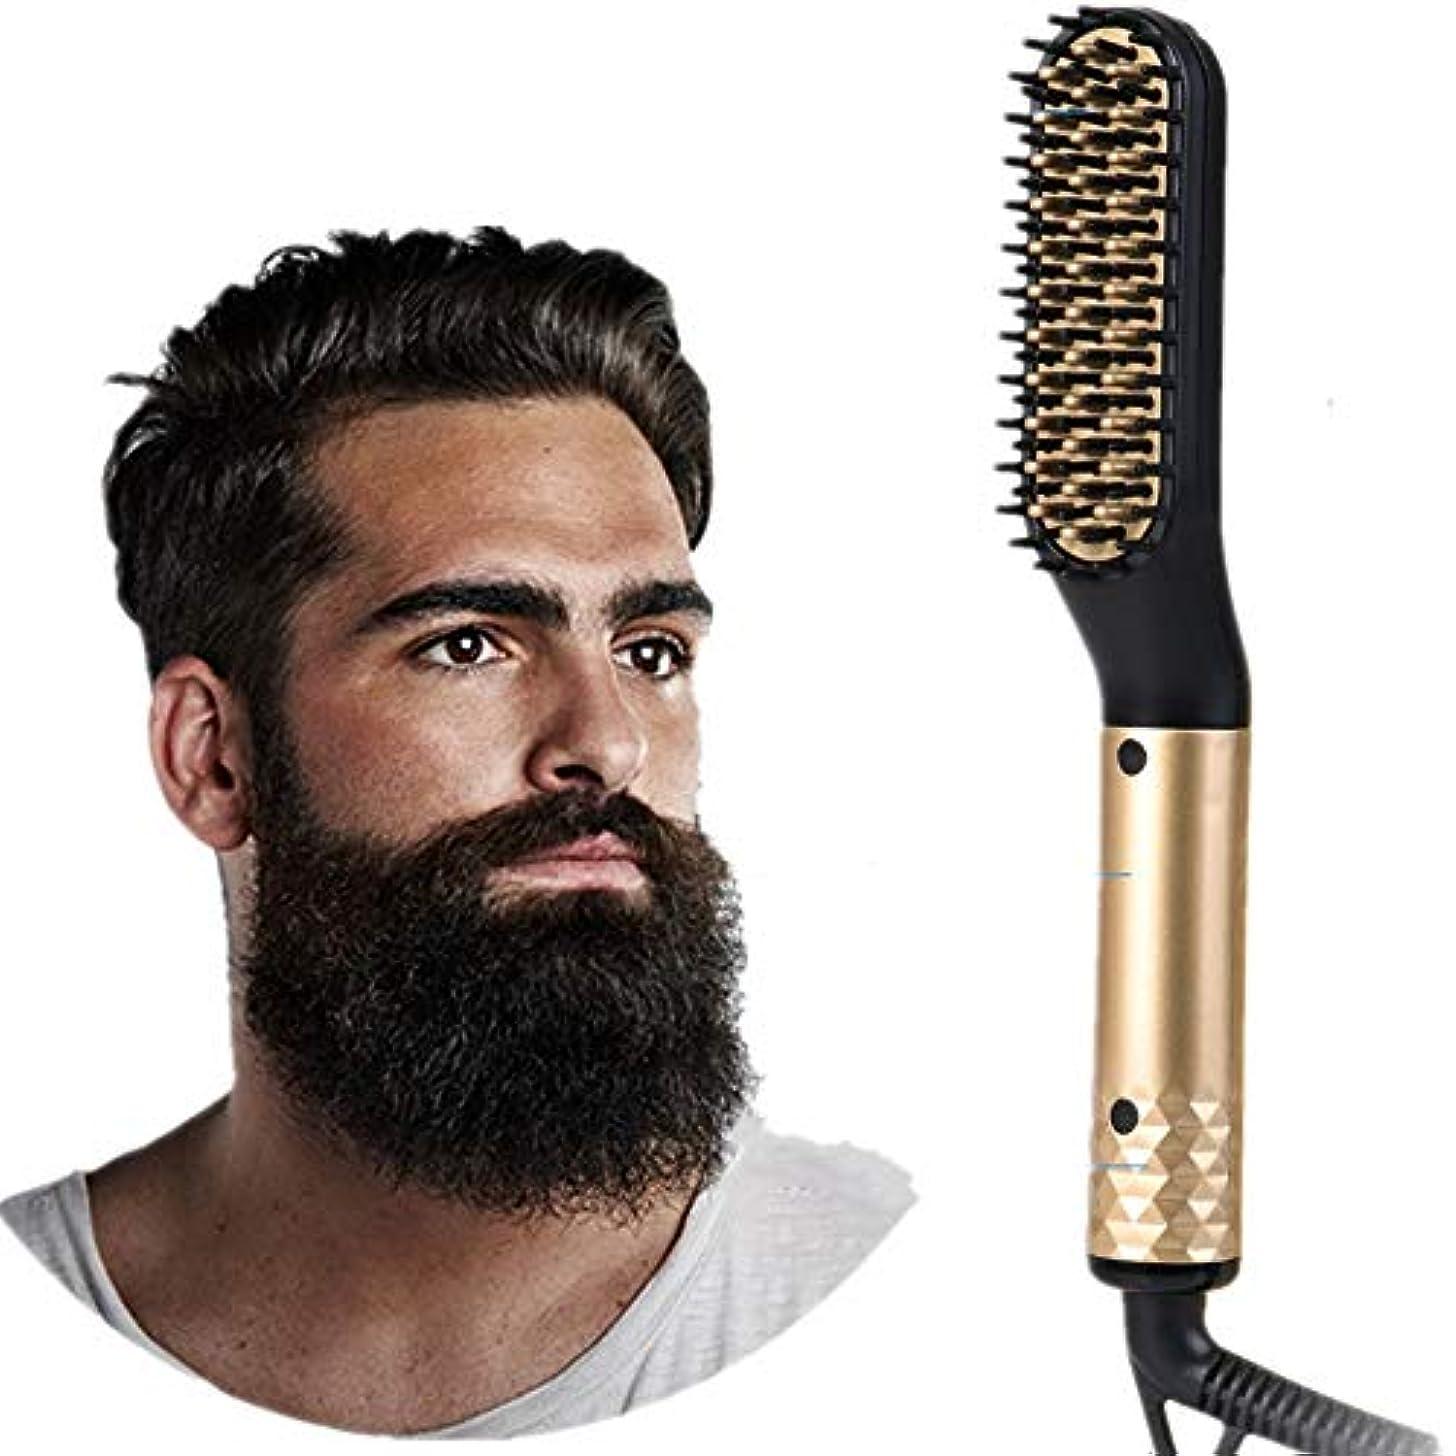 販売計画入手します気難しいビアードストレイテナーくしストレートヘアブラシ電気温水イオンセラミック毛のストレートブラシは、より高速な暖房で、ホットツール髪フラットカーリング鉄は高速アンチ白とシェーピング